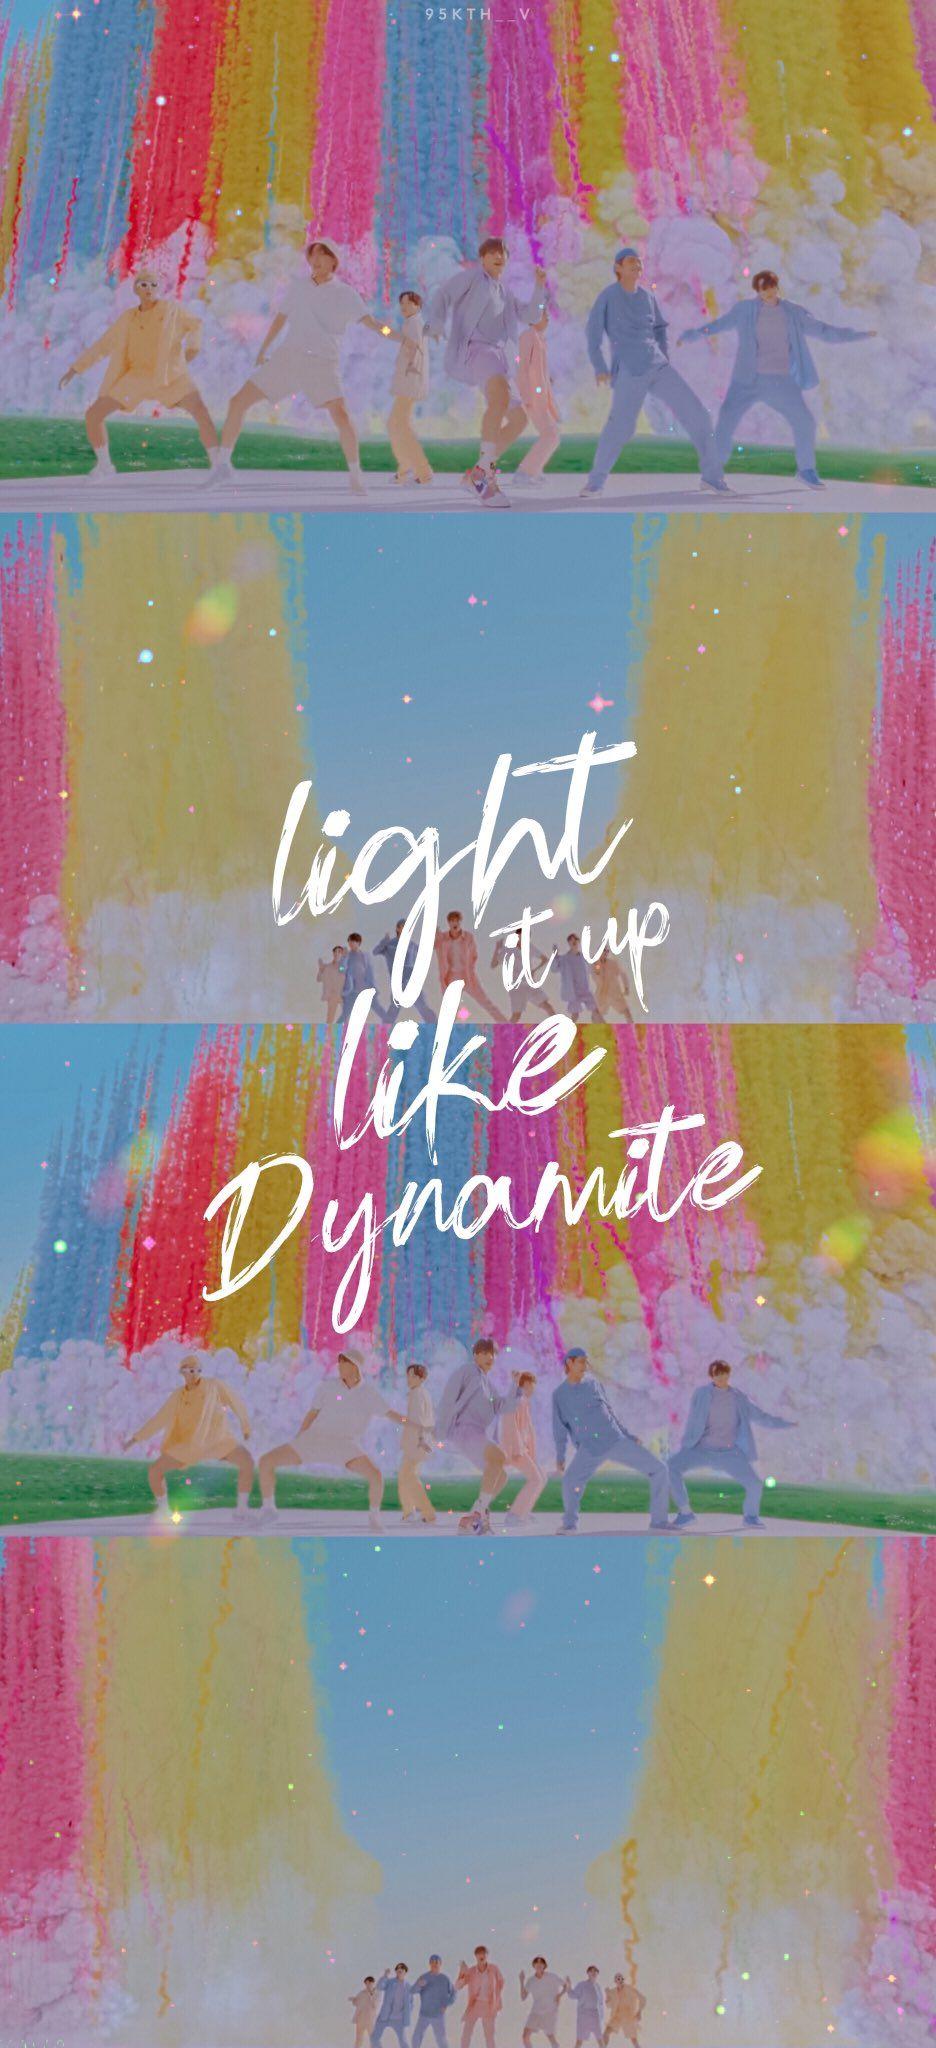 Bts Dynamite Official Mv Wallpaper Lockscreen Edit Bts Wallpaper Lyrics Bts Wallpaper Wallpaper Bts dynamite lyrics wallpaper